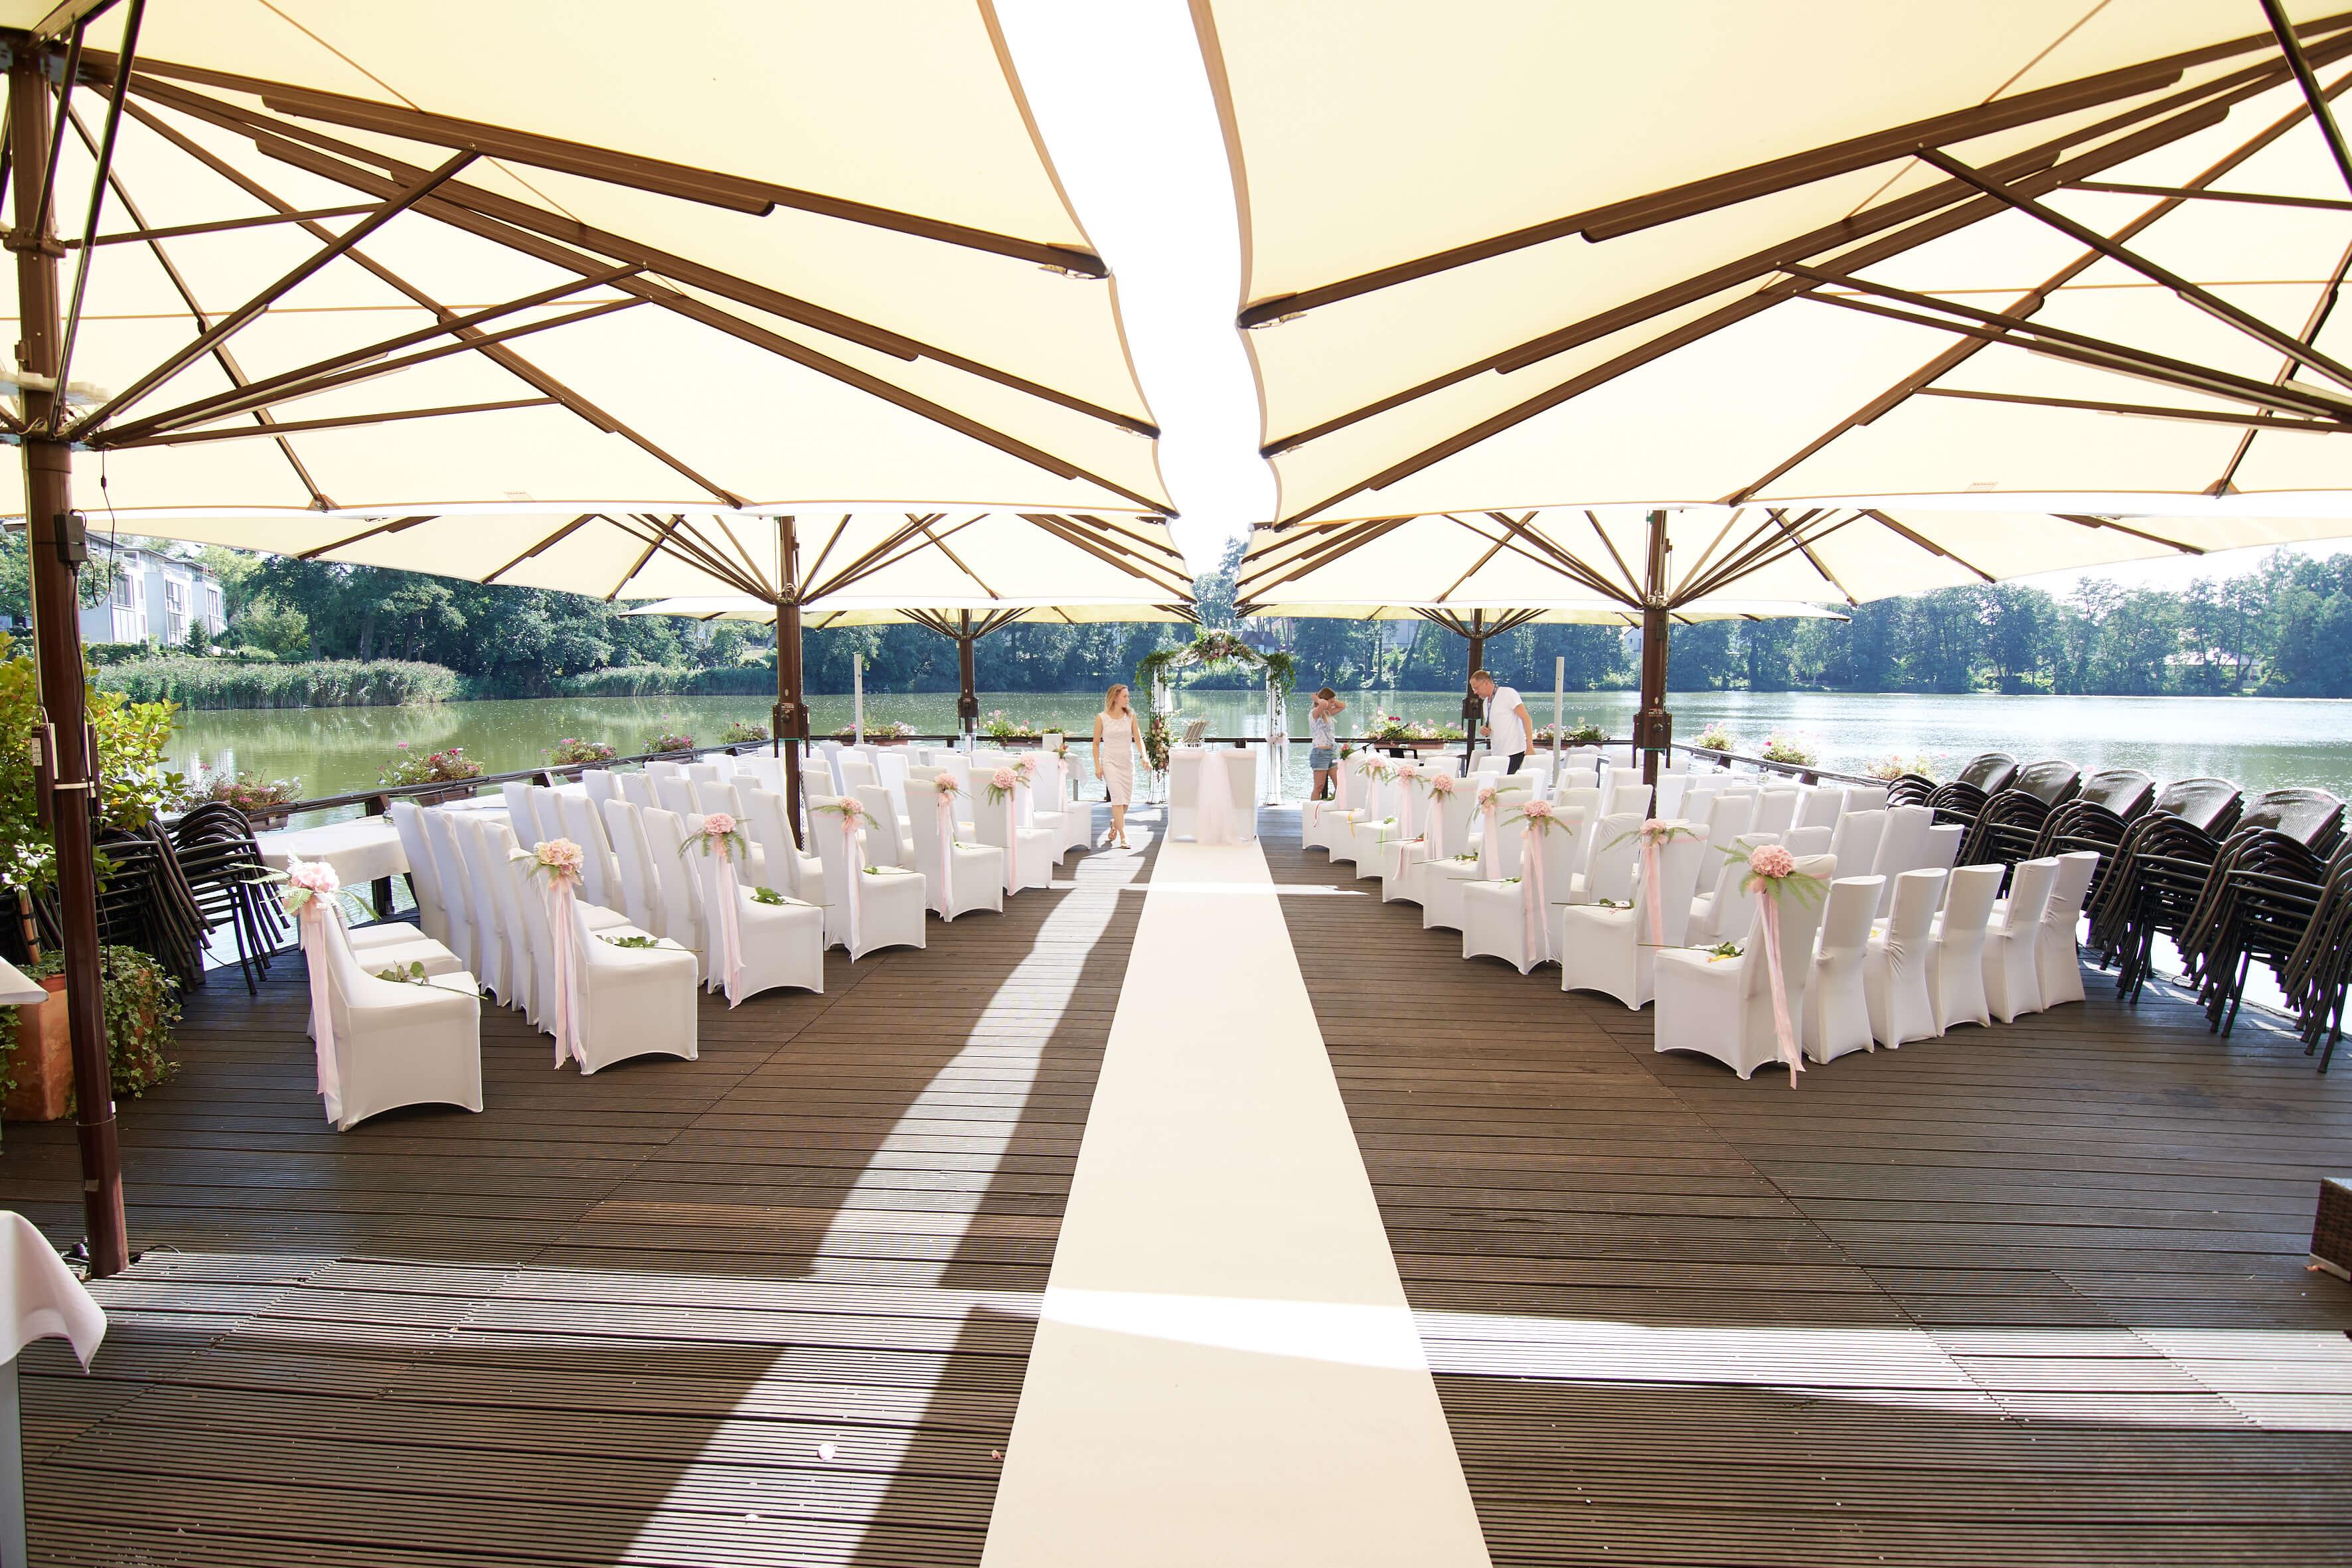 Terrasse Restaurant Boddendee